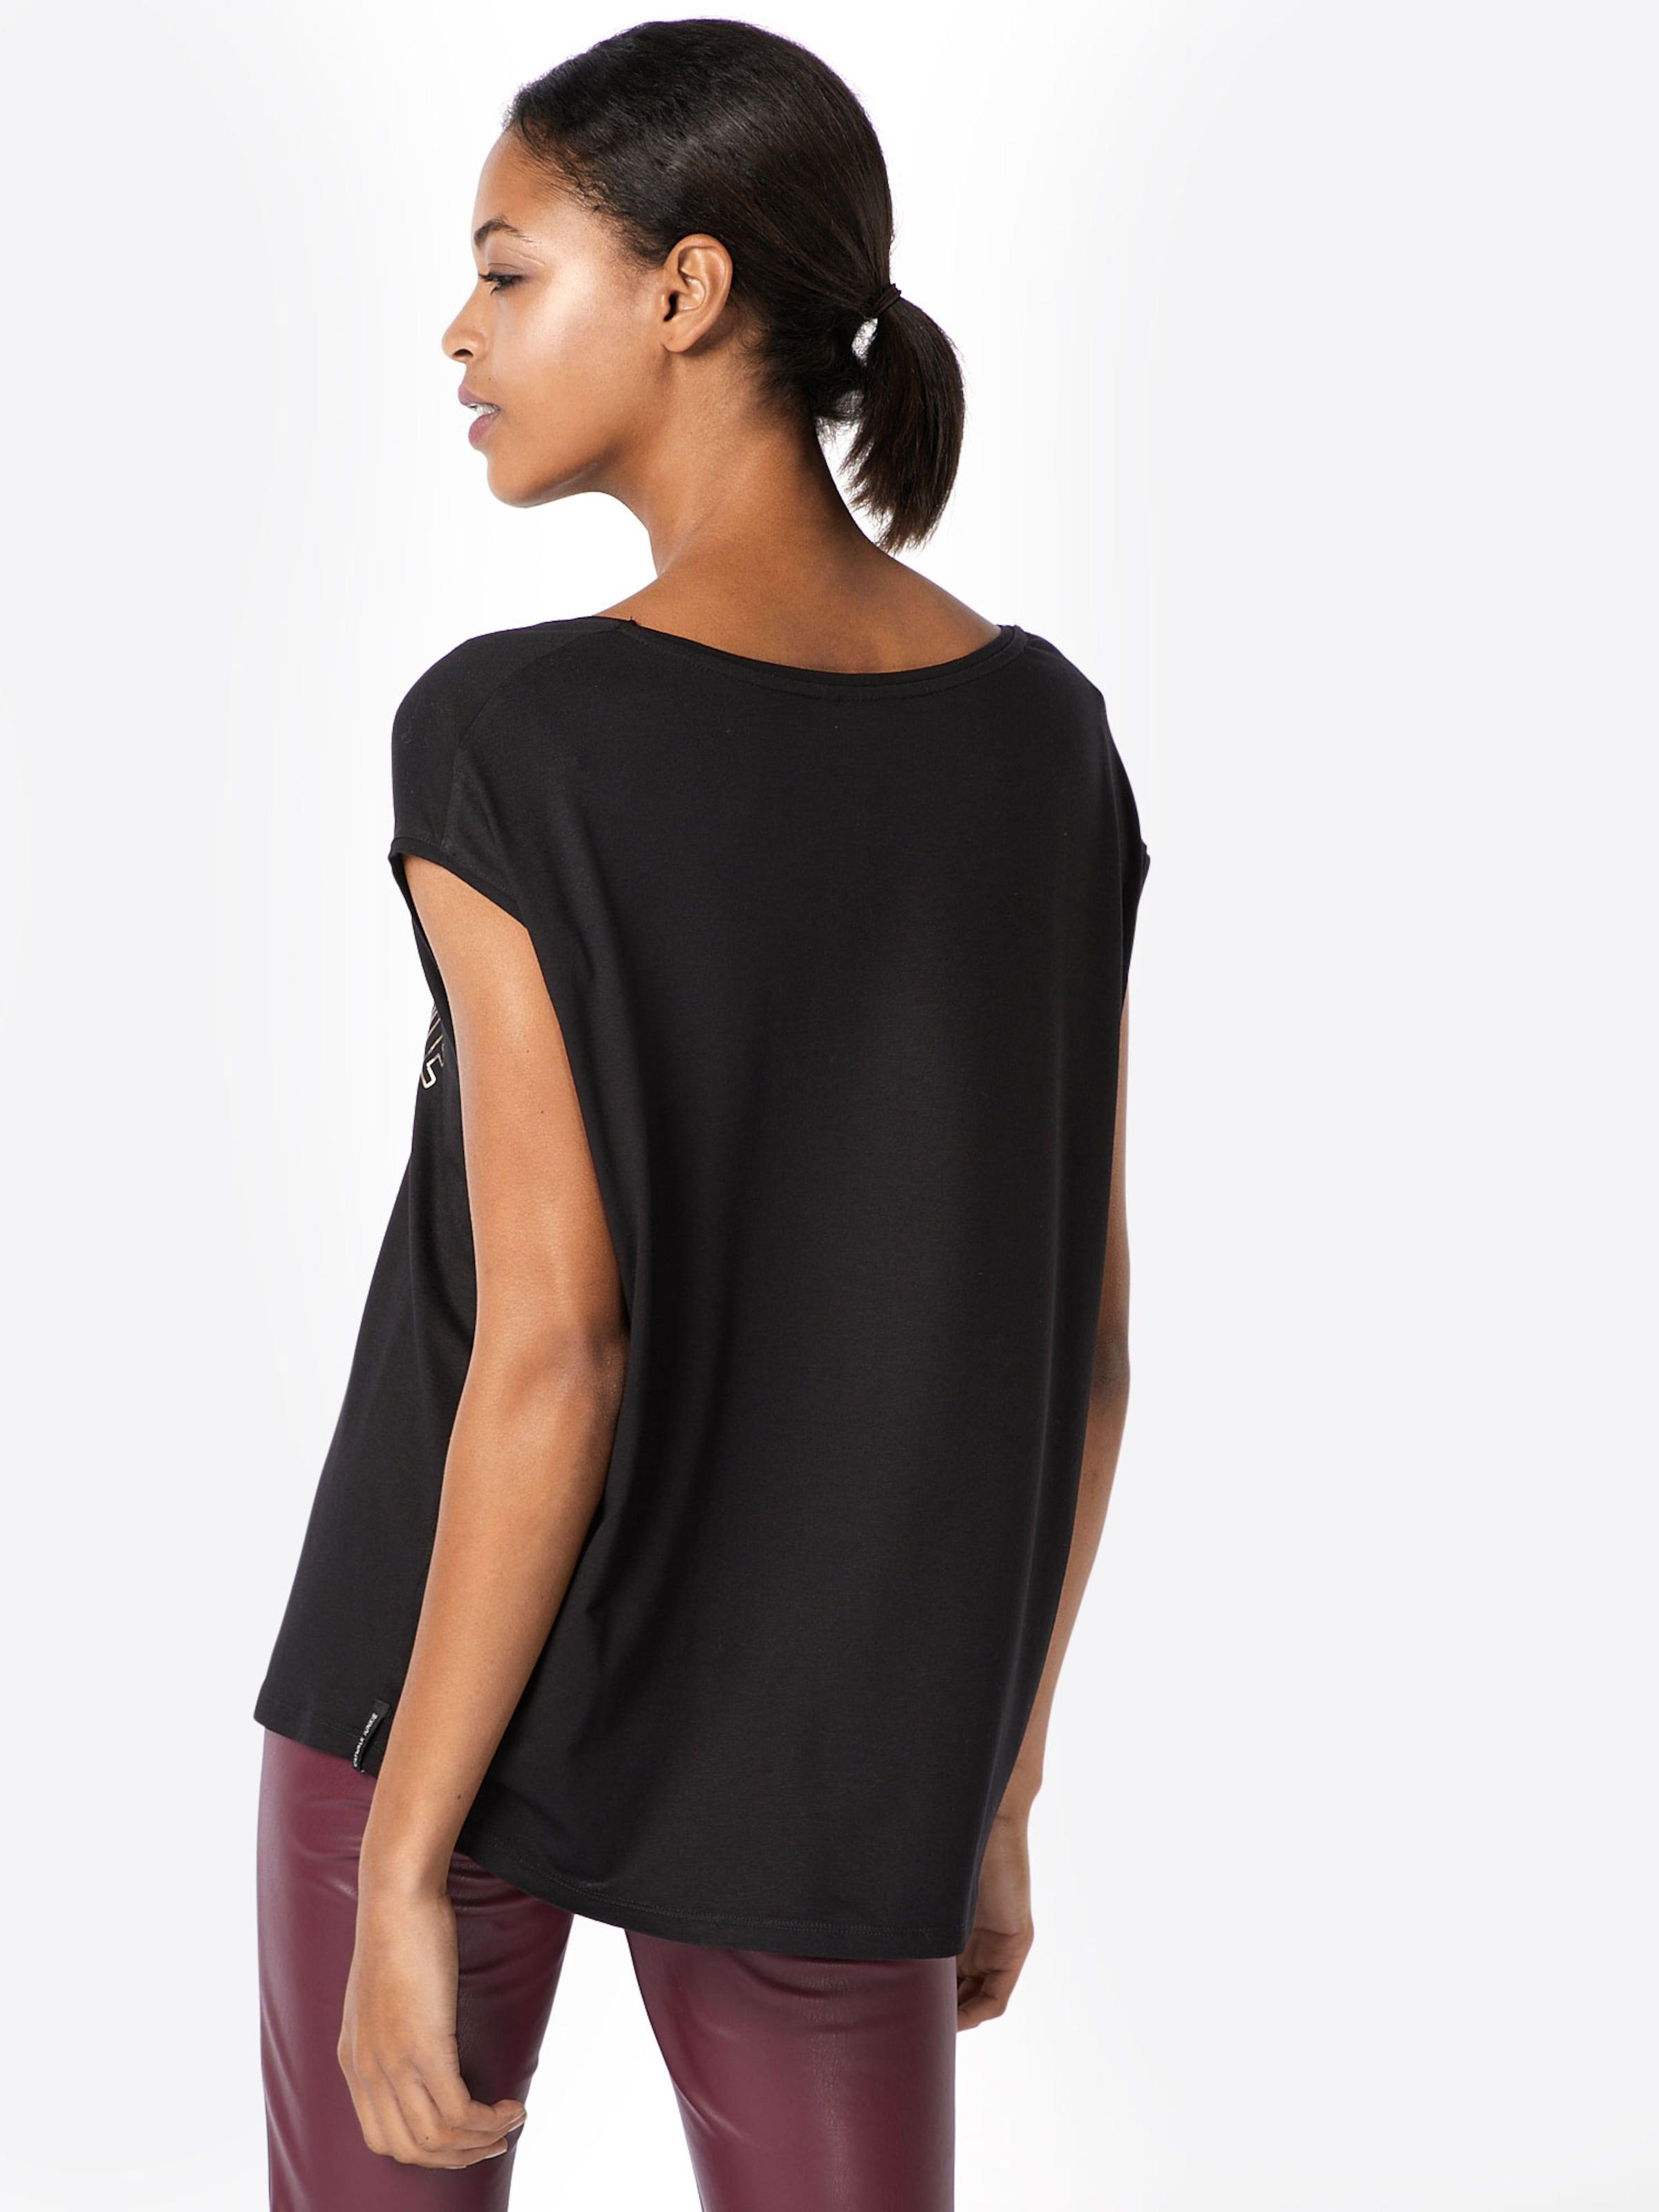 CATWALK JUNKIE T-Shirt 'CHAMPAGNE' Billig Rabatt Authentisch Modisch Verkauf Finish Shop Selbst Billig Sehr Billig ht2zz